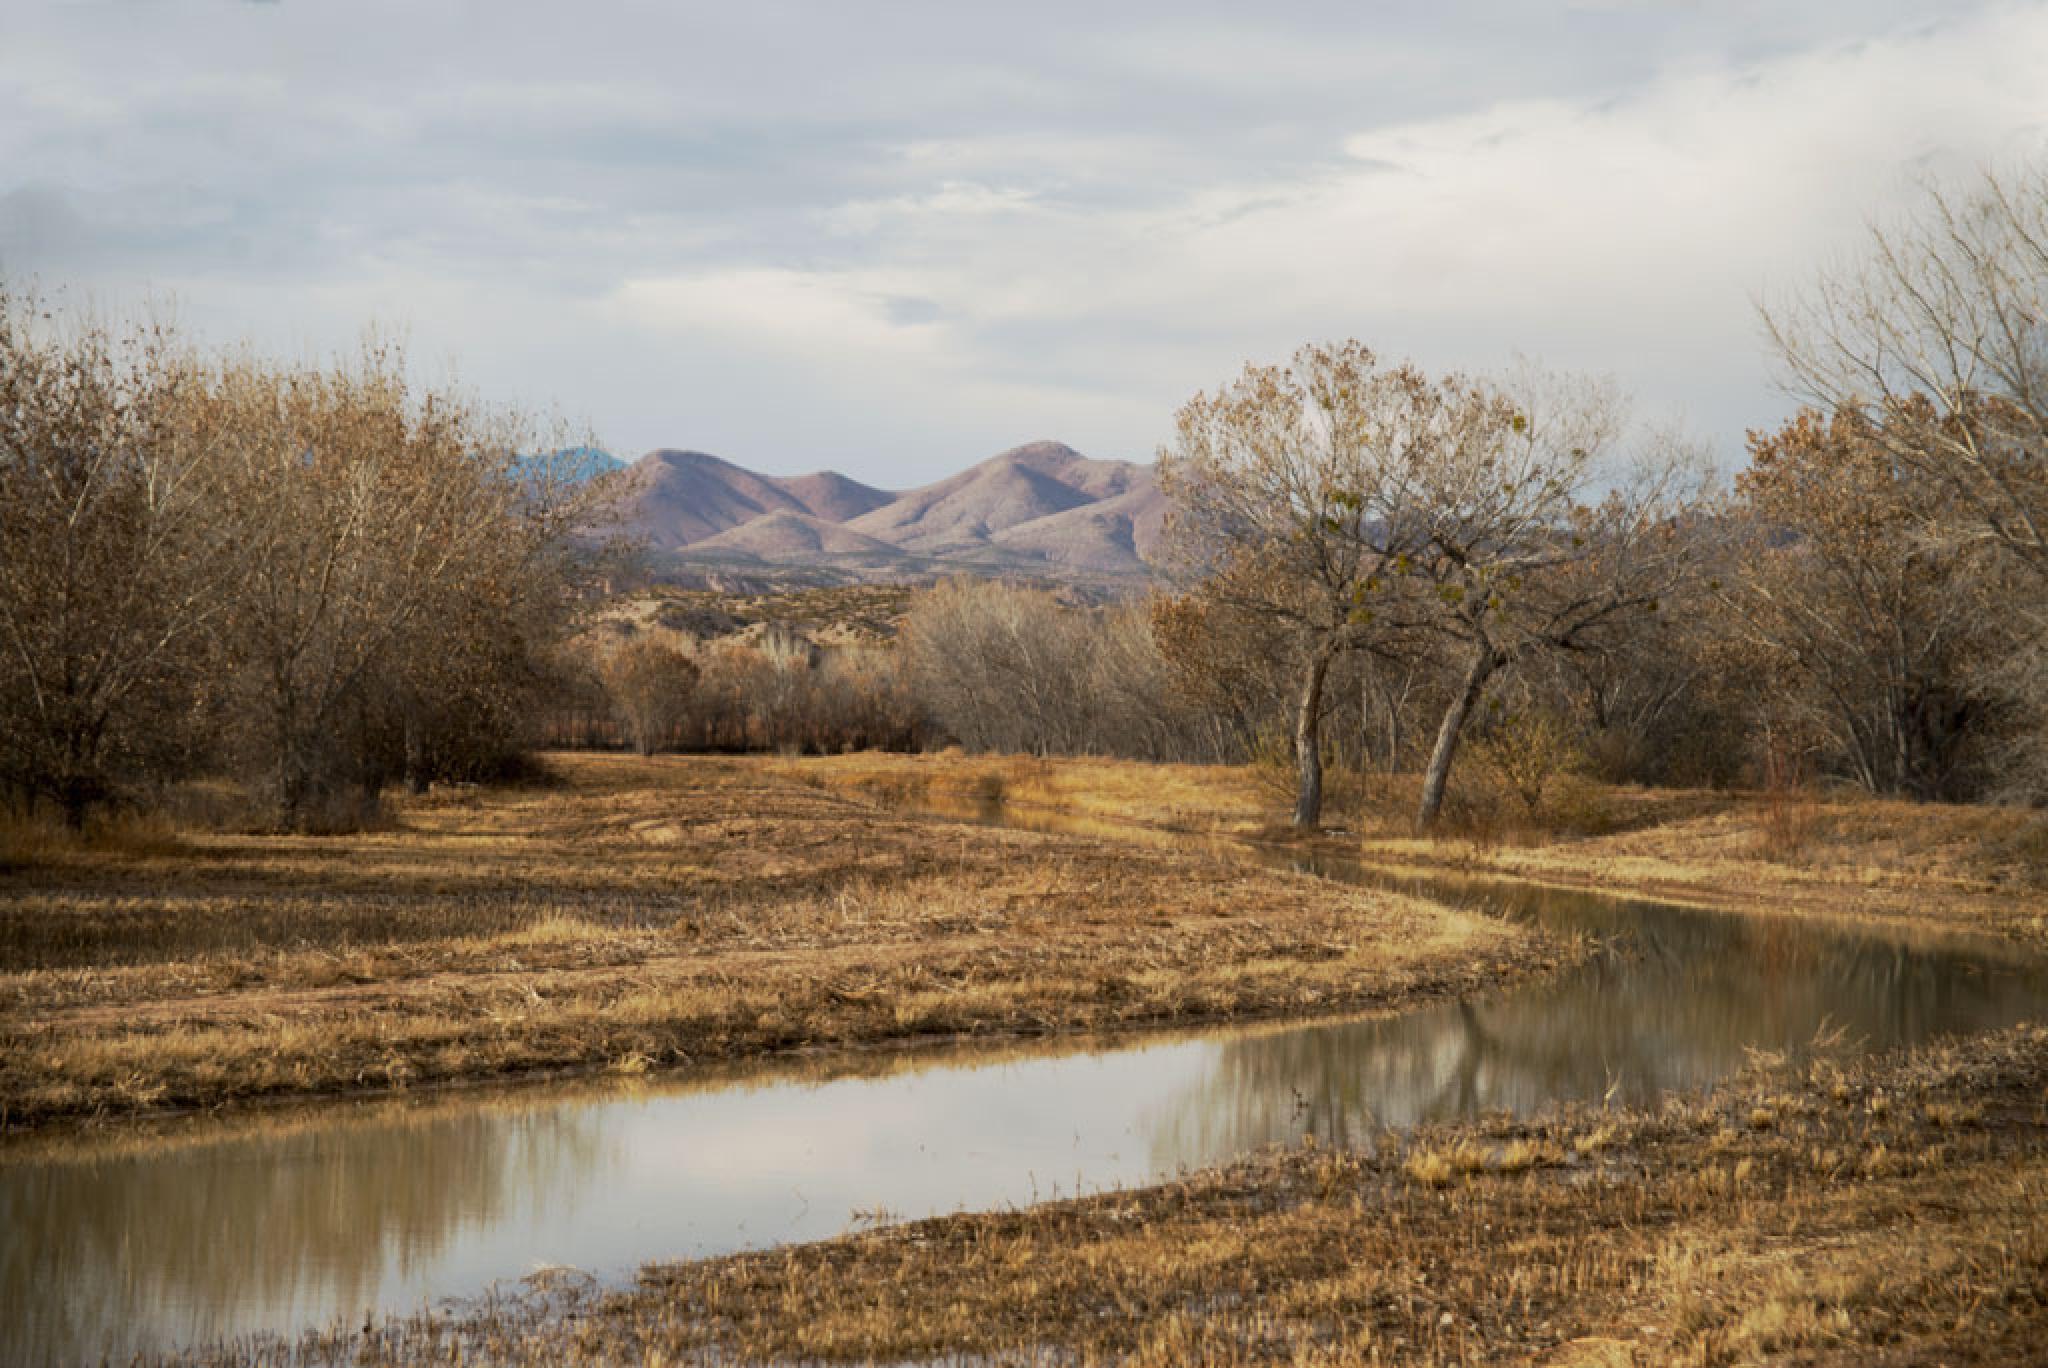 bosque del apache by marianne troia